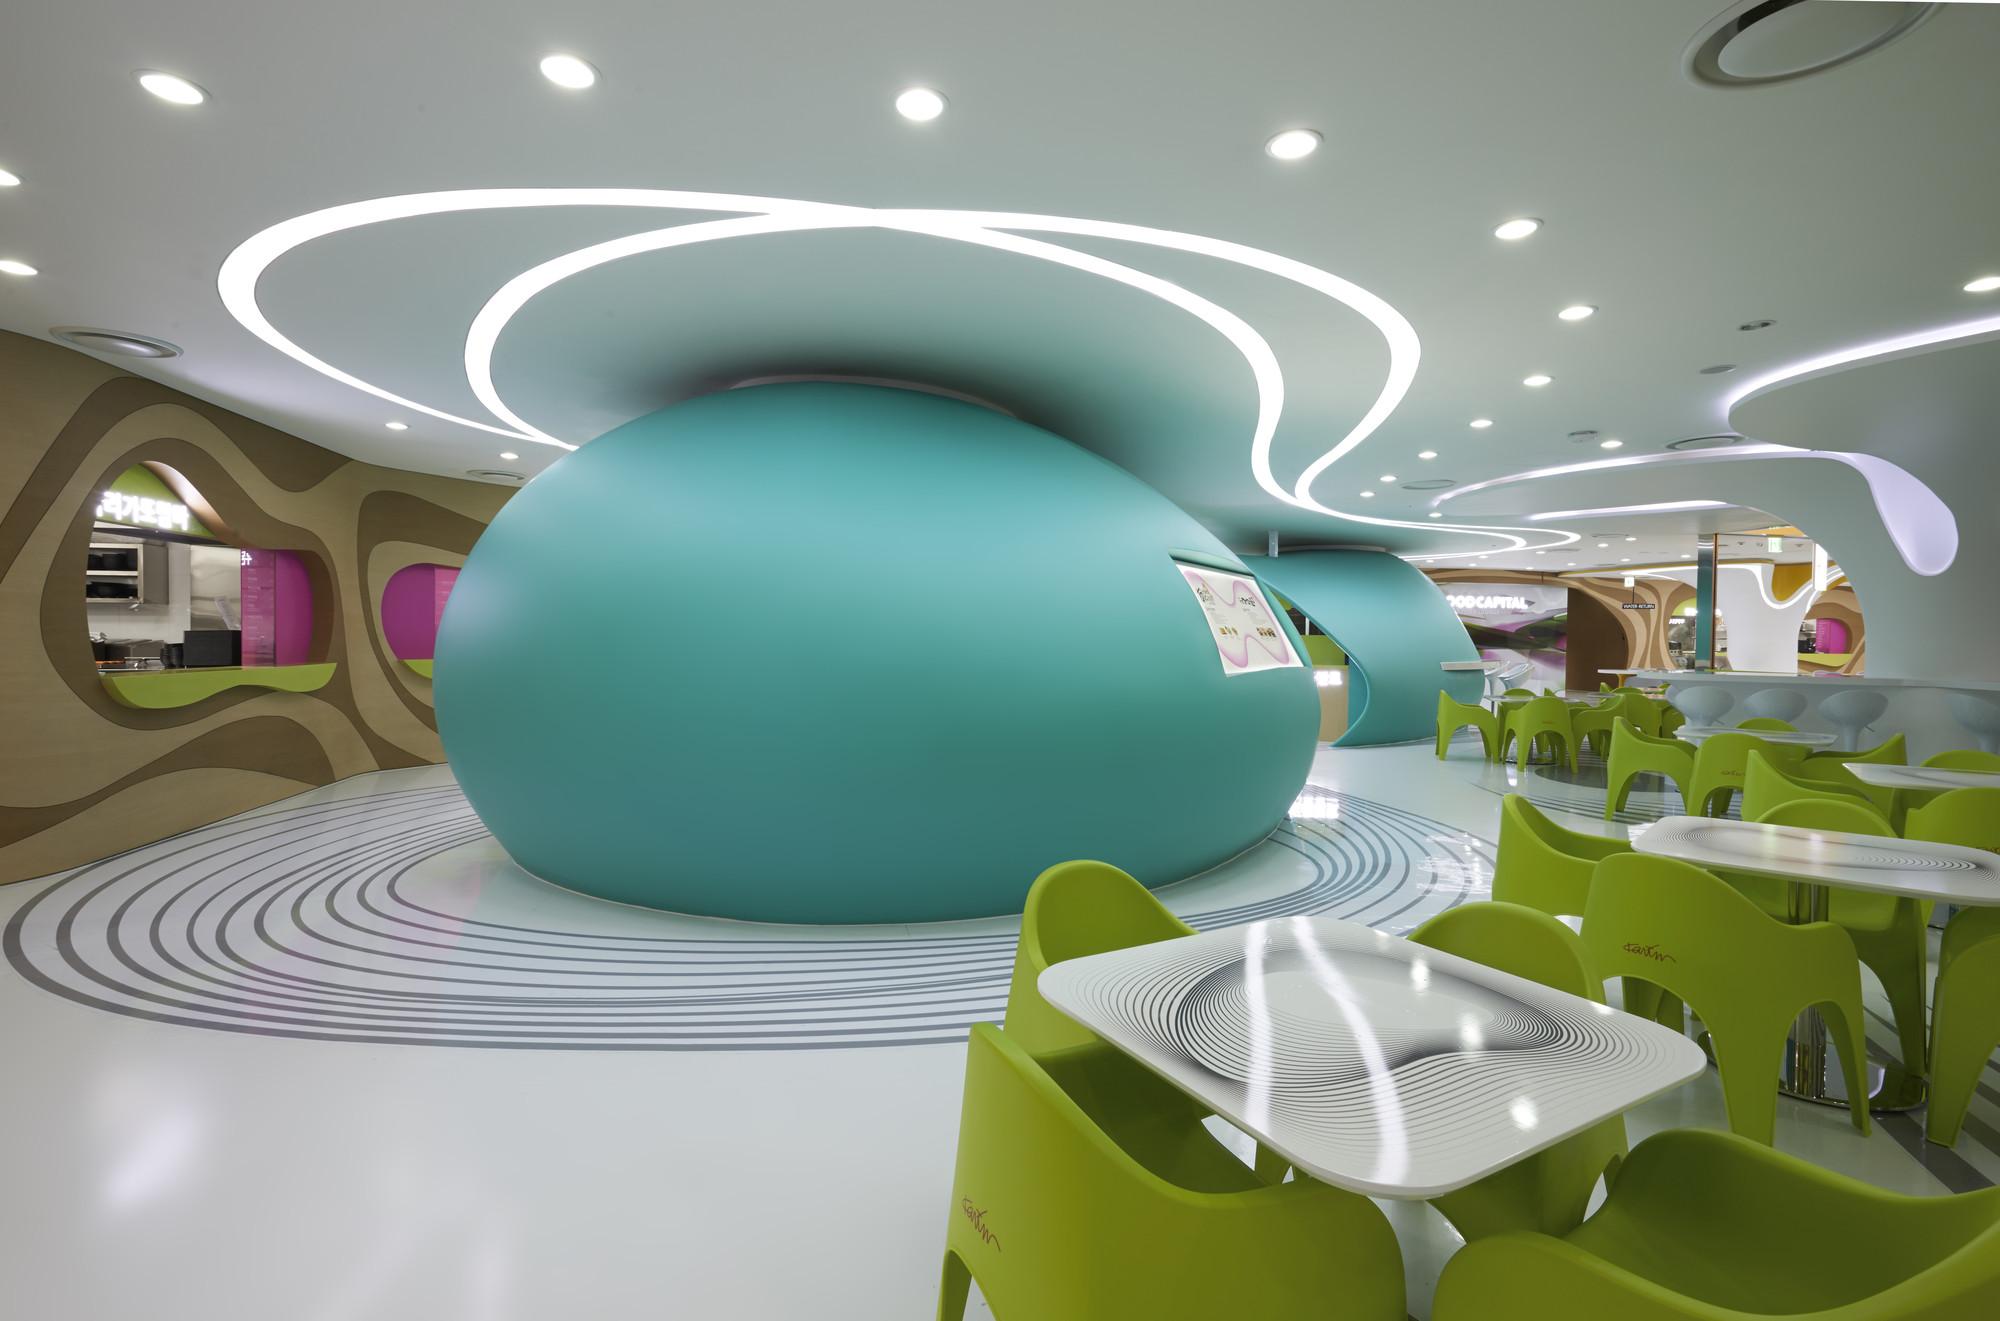 Groß Glastisch Design Karim Rashid Tonelli Fotos - Die Designideen ...